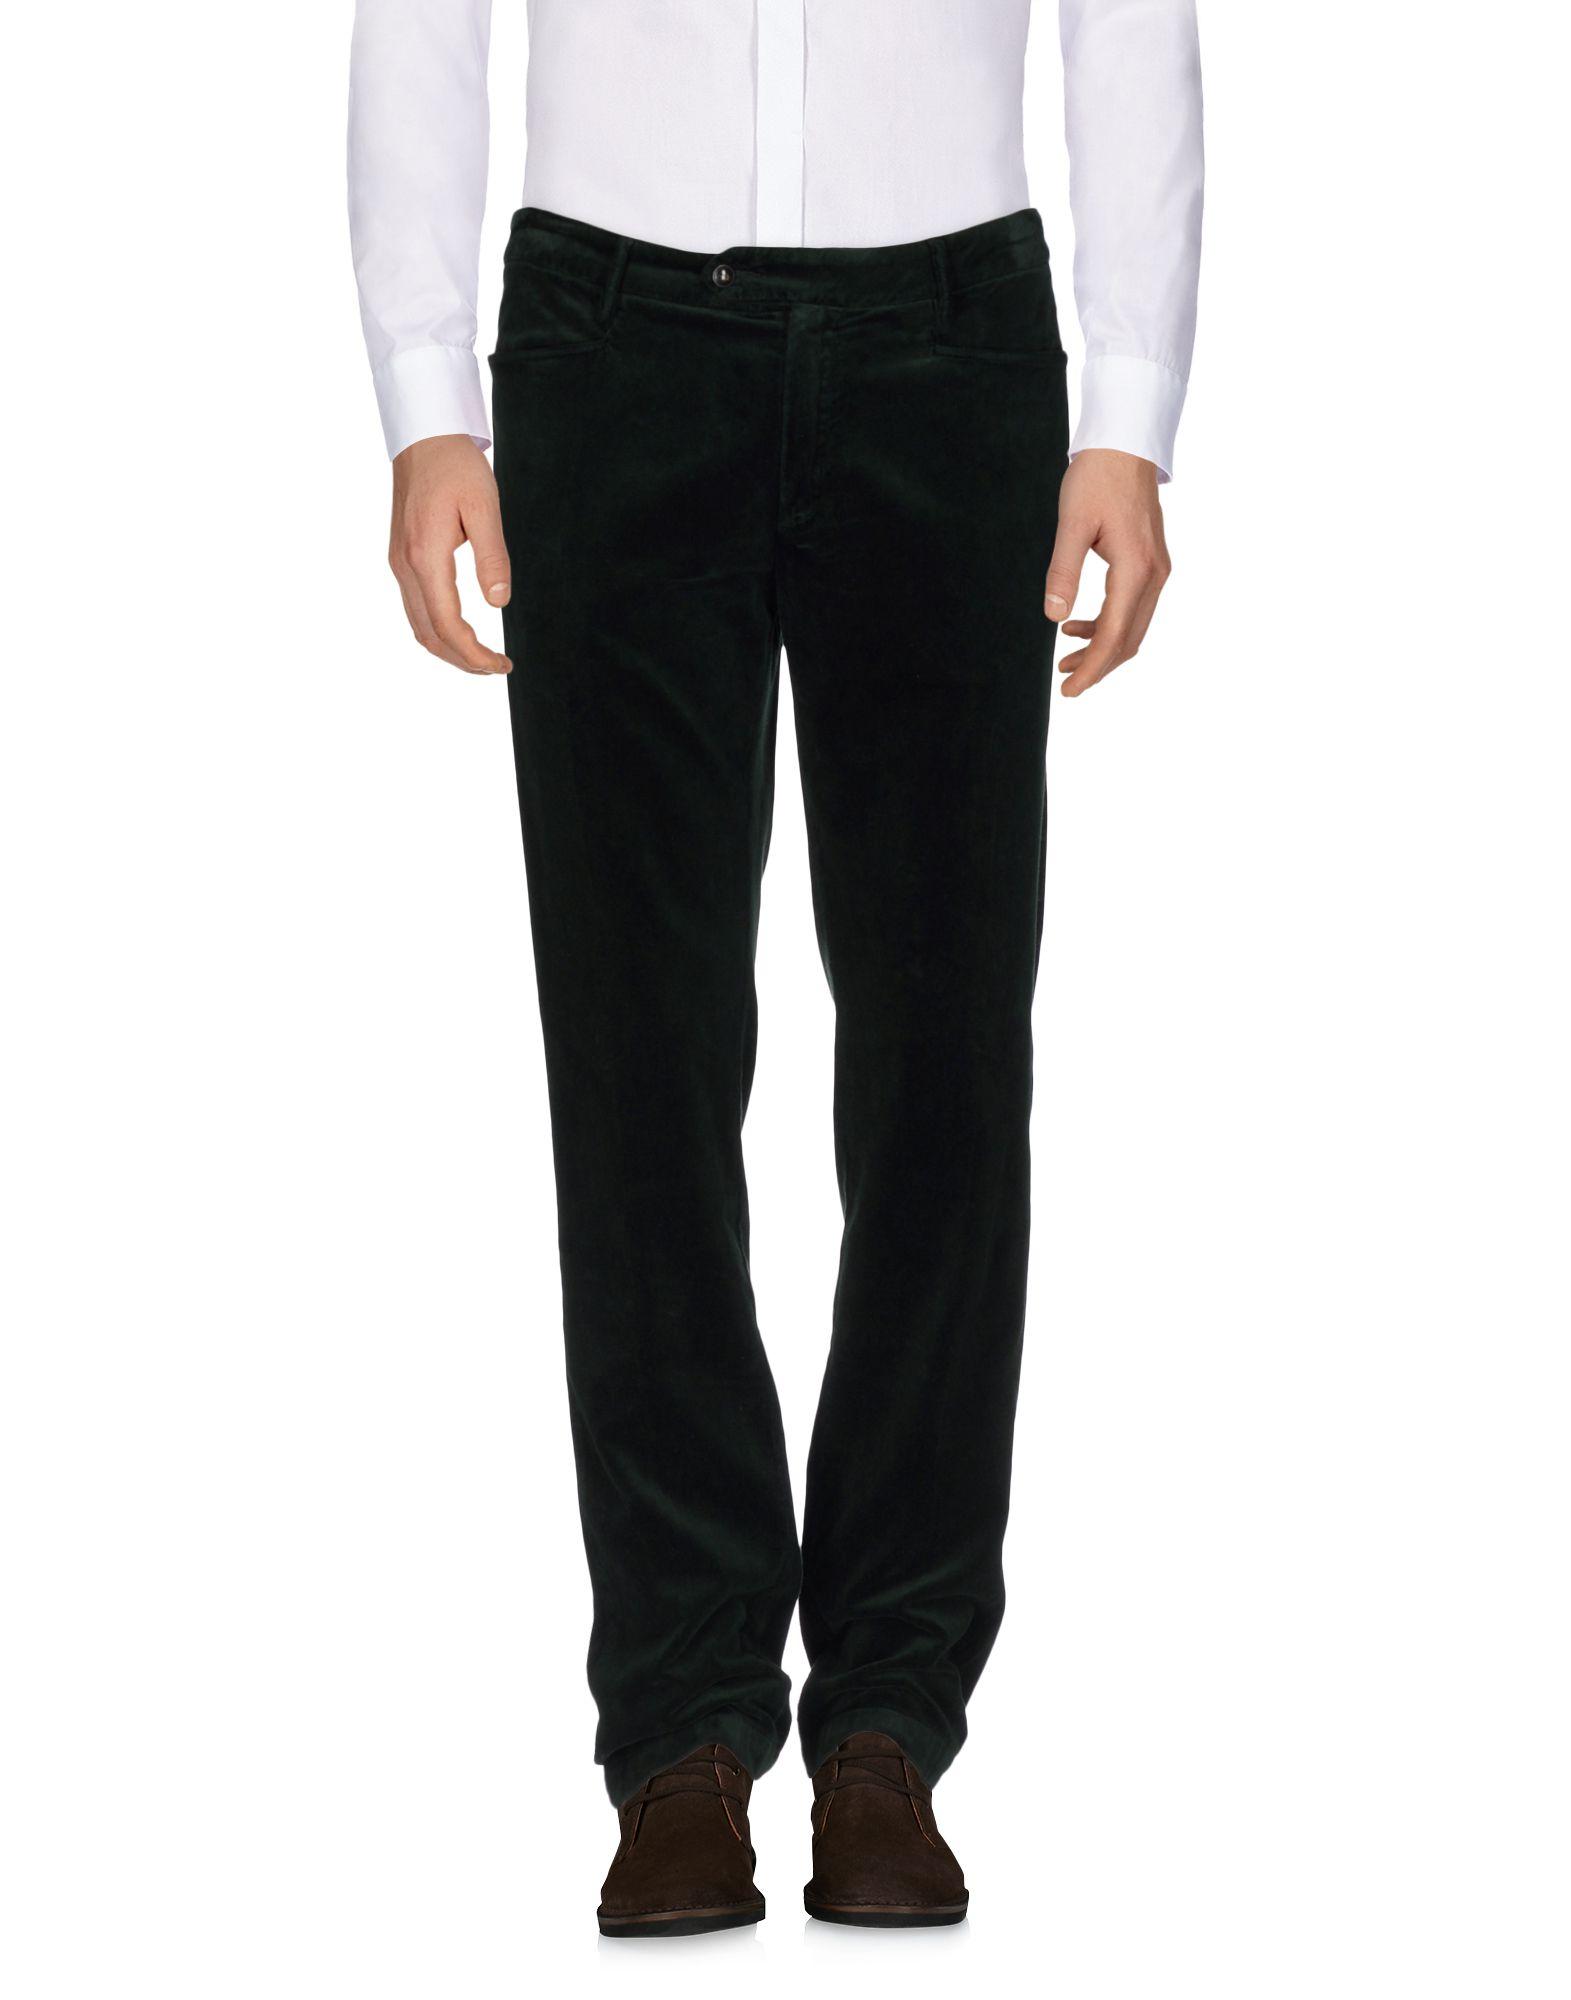 Pantalone Department Department 5 uomo - 13054604QX  online